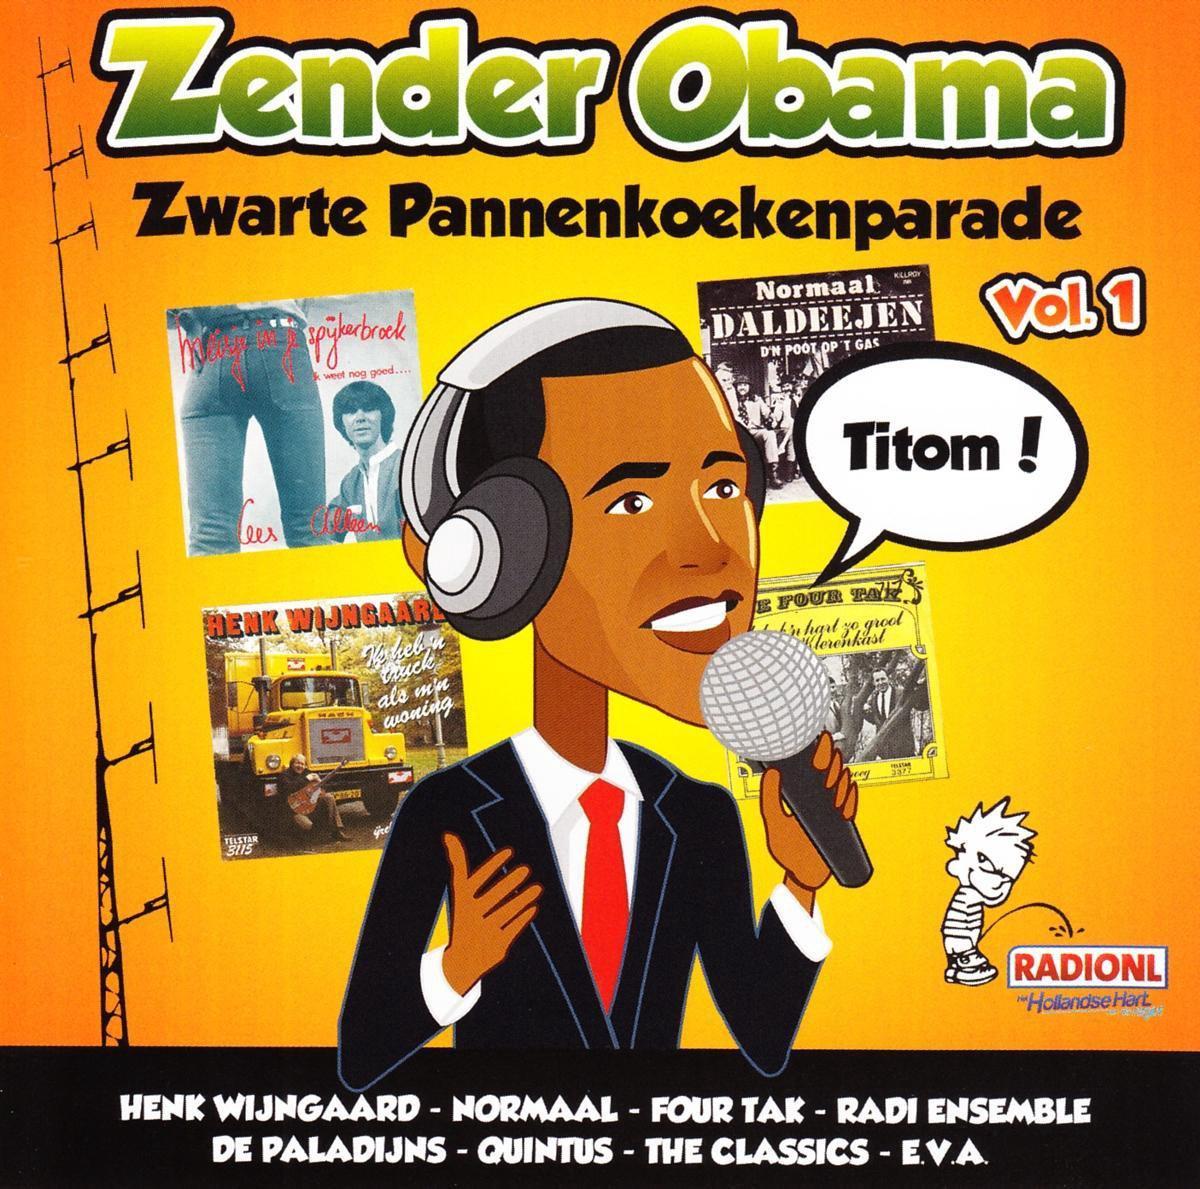 Zender Obama - various artists